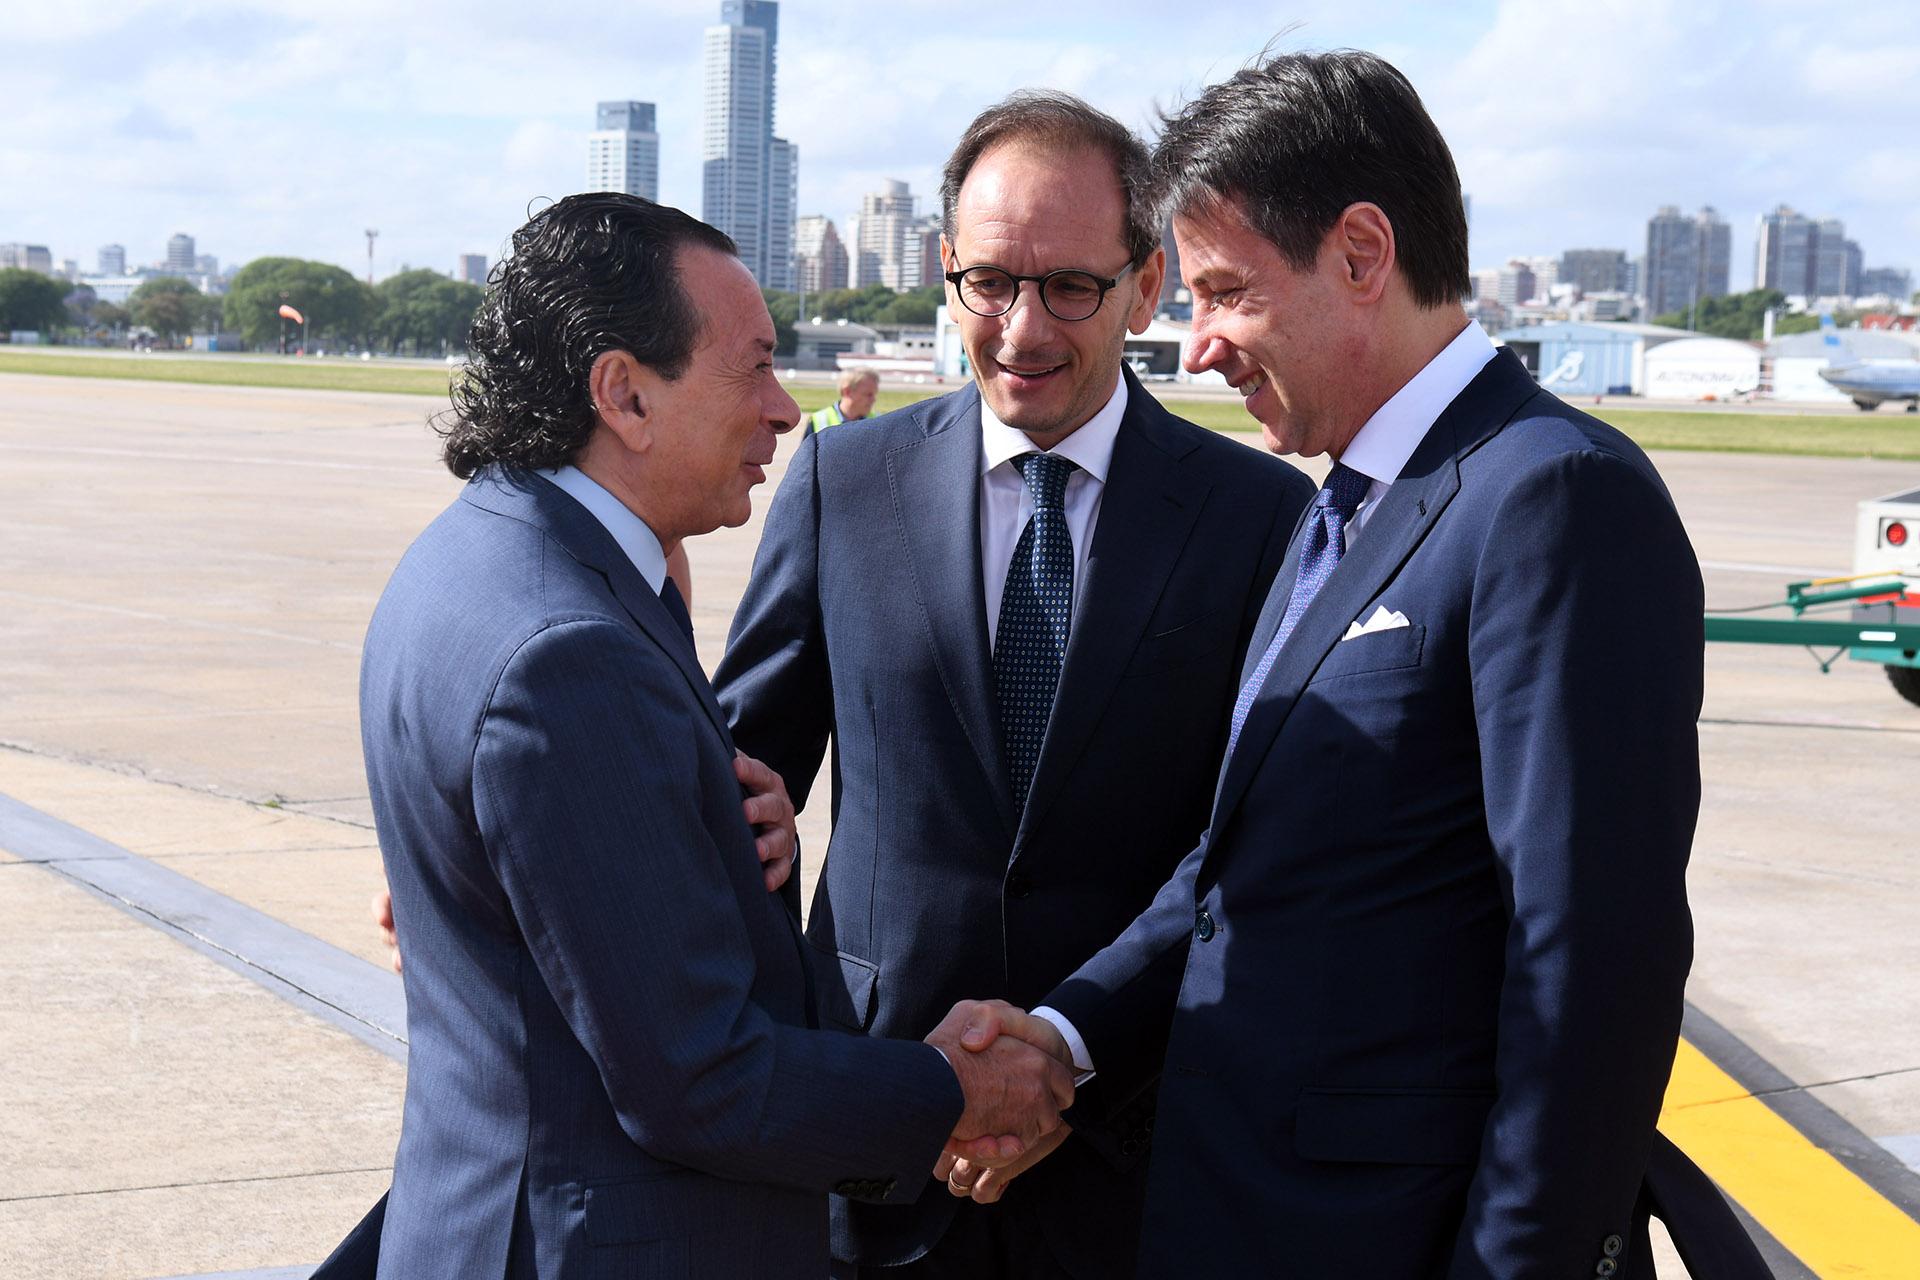 El ministro de Producción y Trabajo, Dante Sica, recibió en Aeroparque a Giuseppe Conte